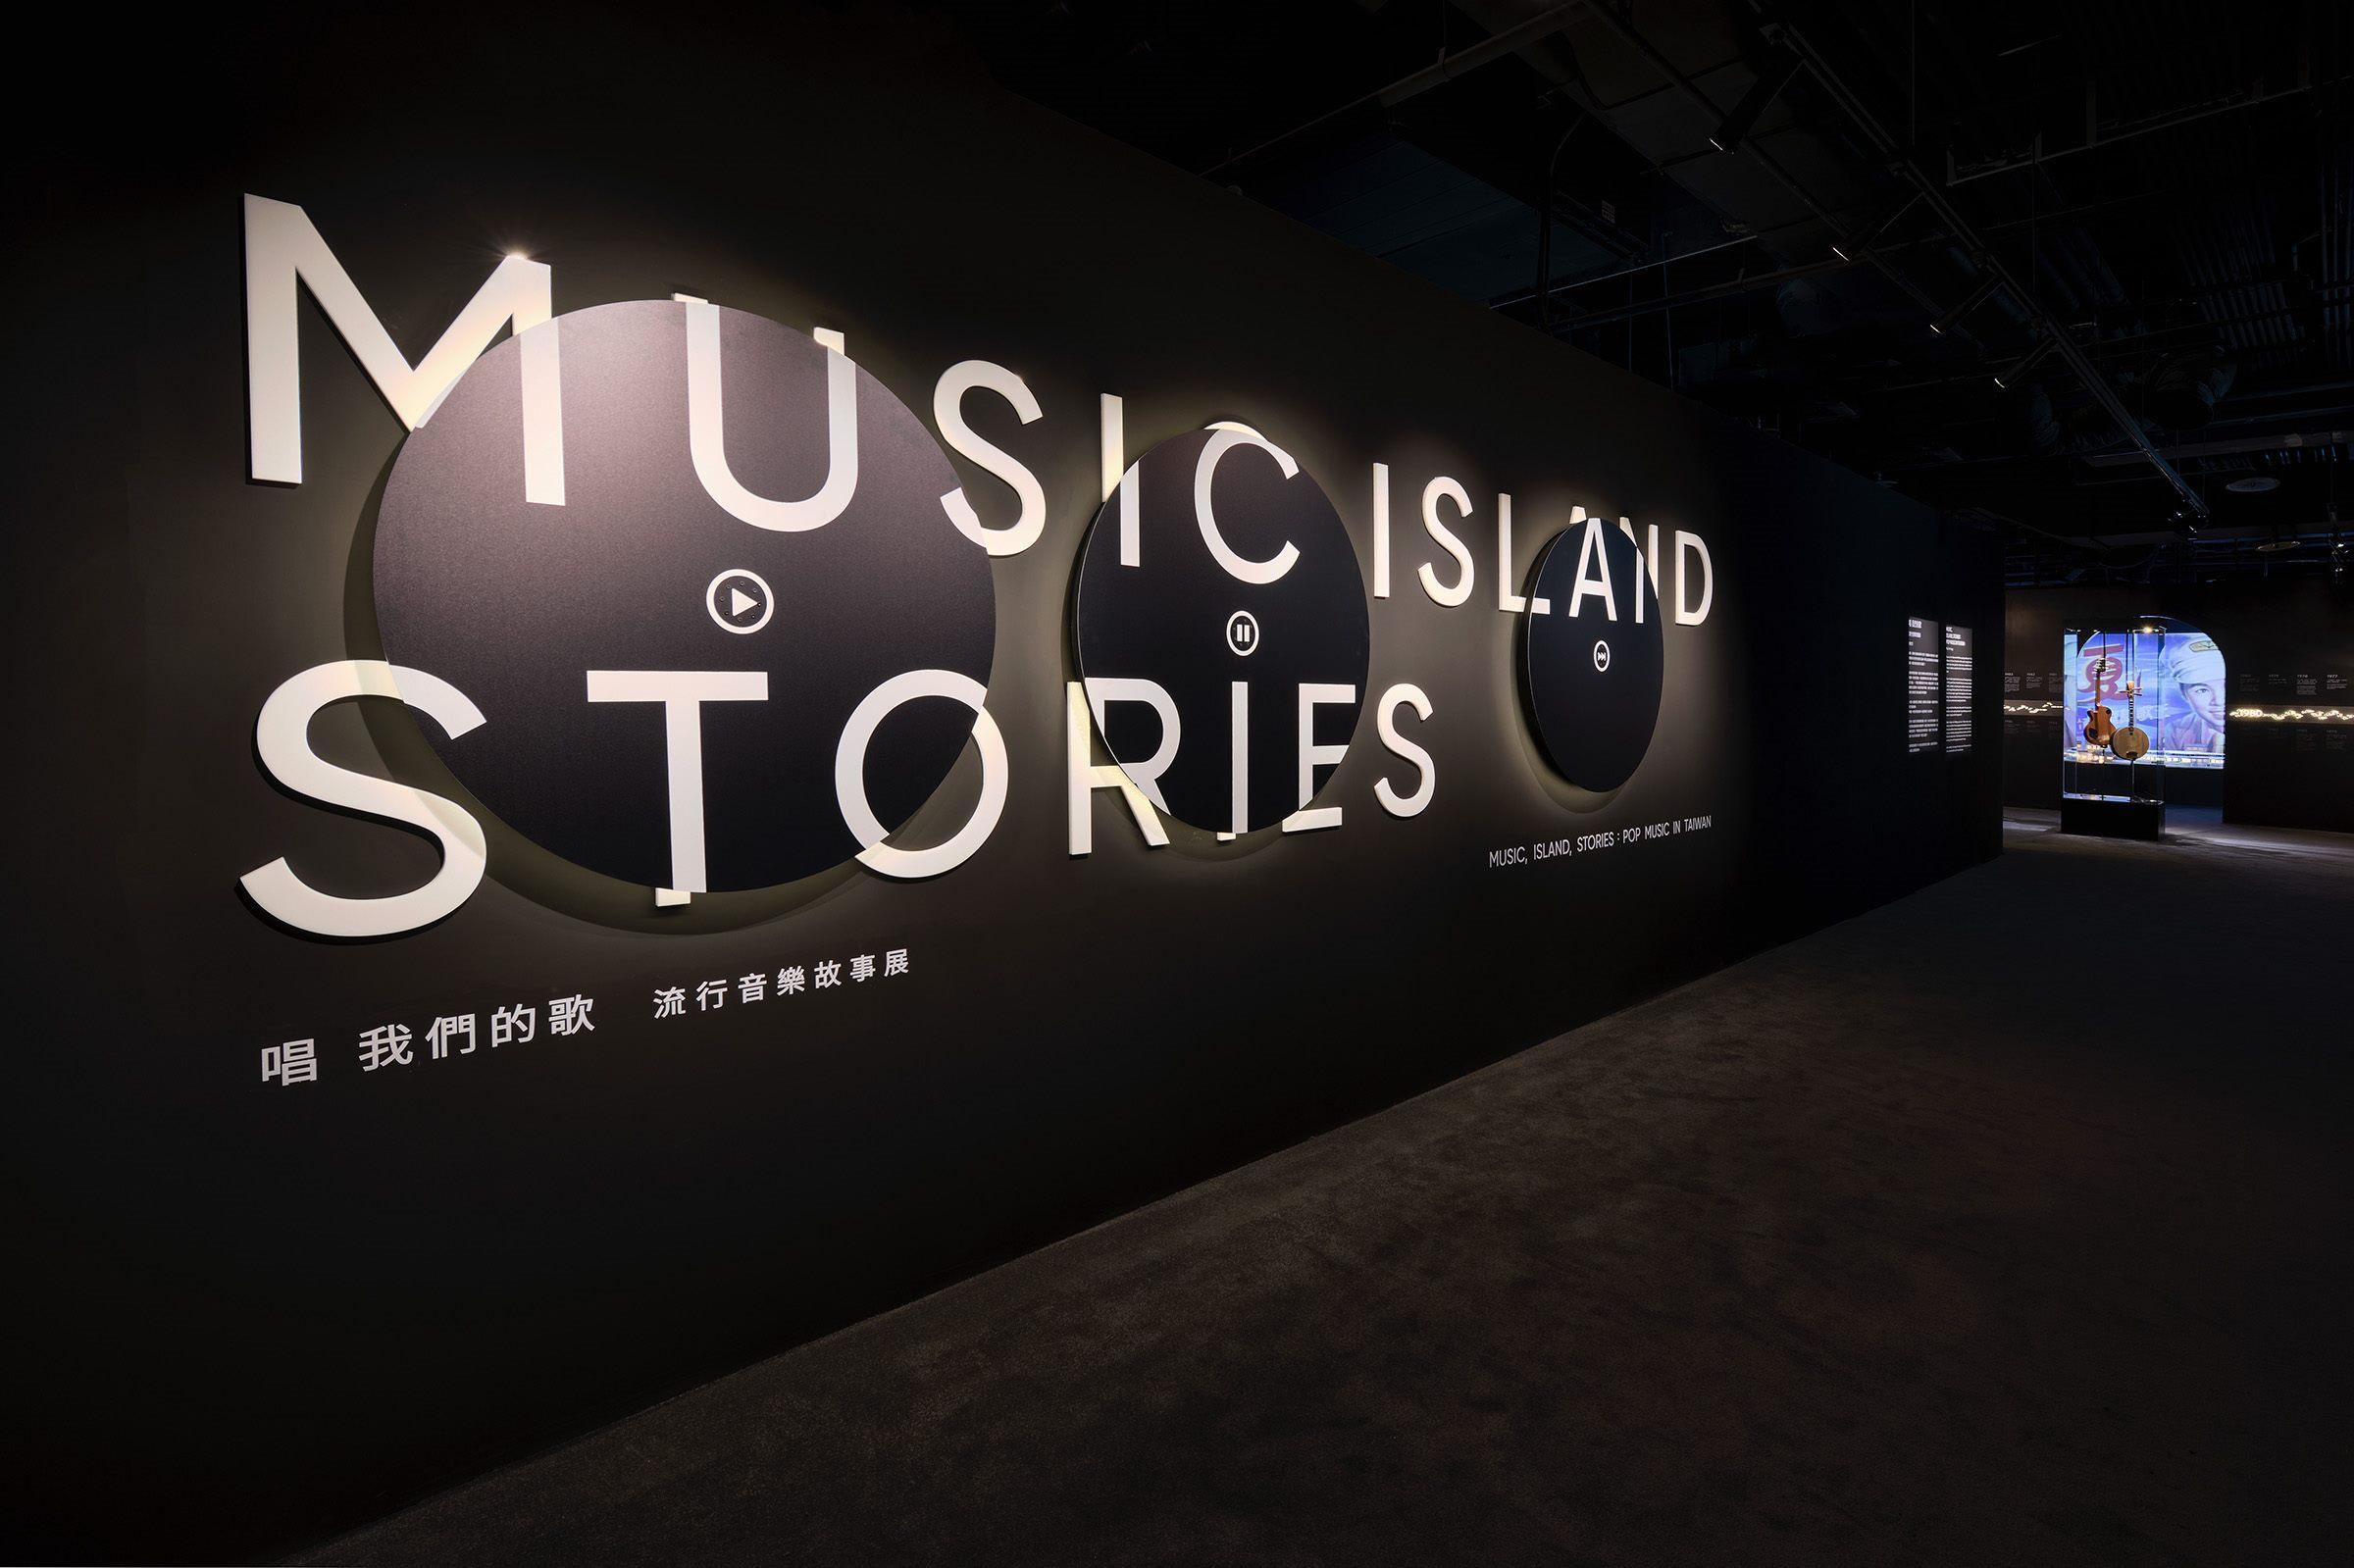 臺北流行音樂中心首檔常設展「唱 我們的歌 流行音樂故事展 MUSIC, ISLAND, STORIES」展出華語流行音樂近百年來的獨特故事